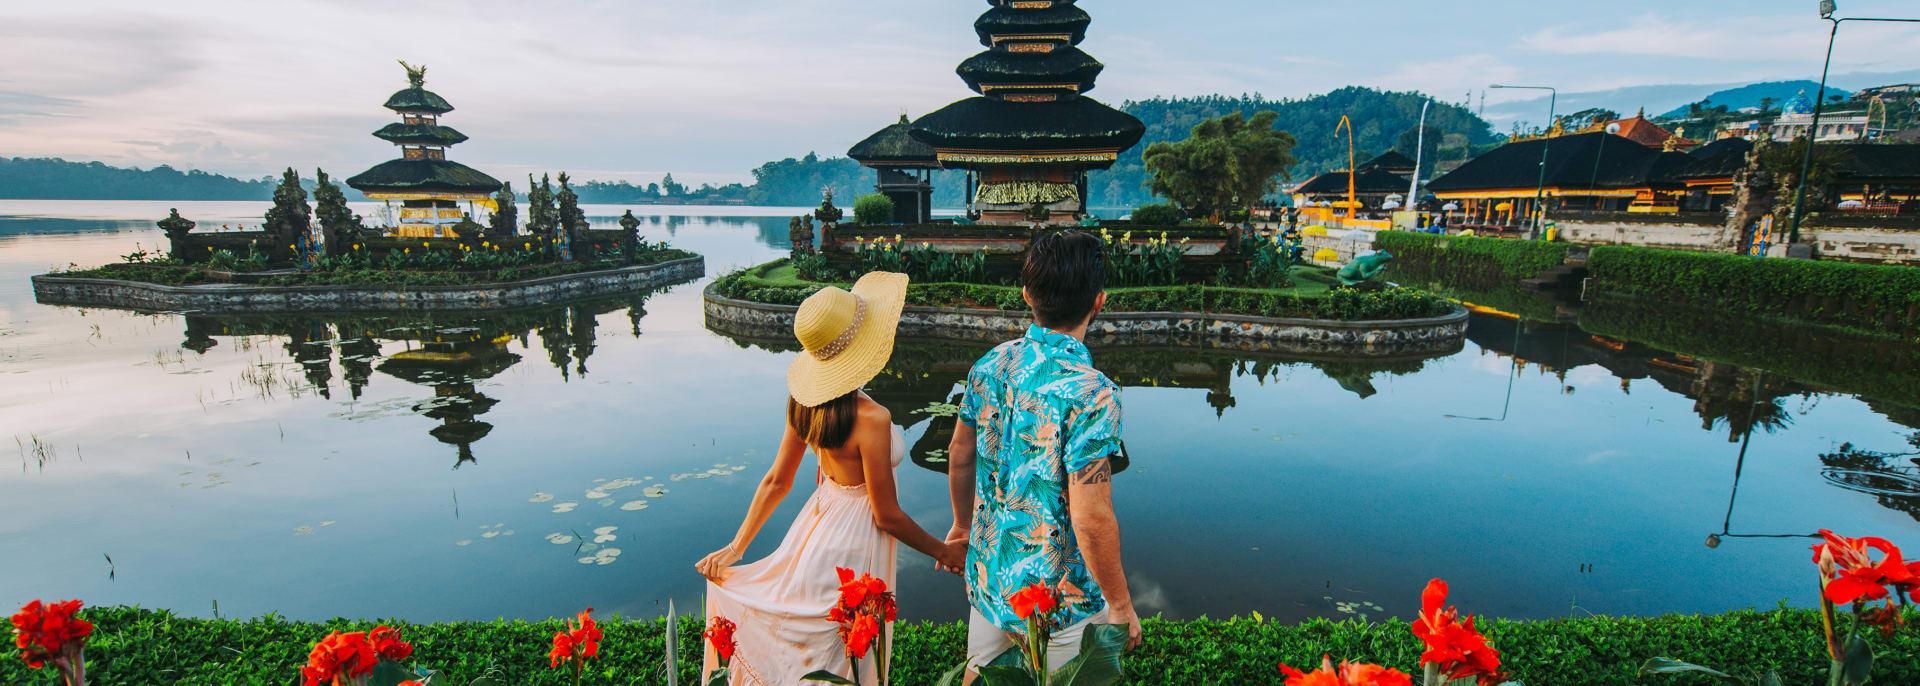 Ulun Bratan Tempel, Bali